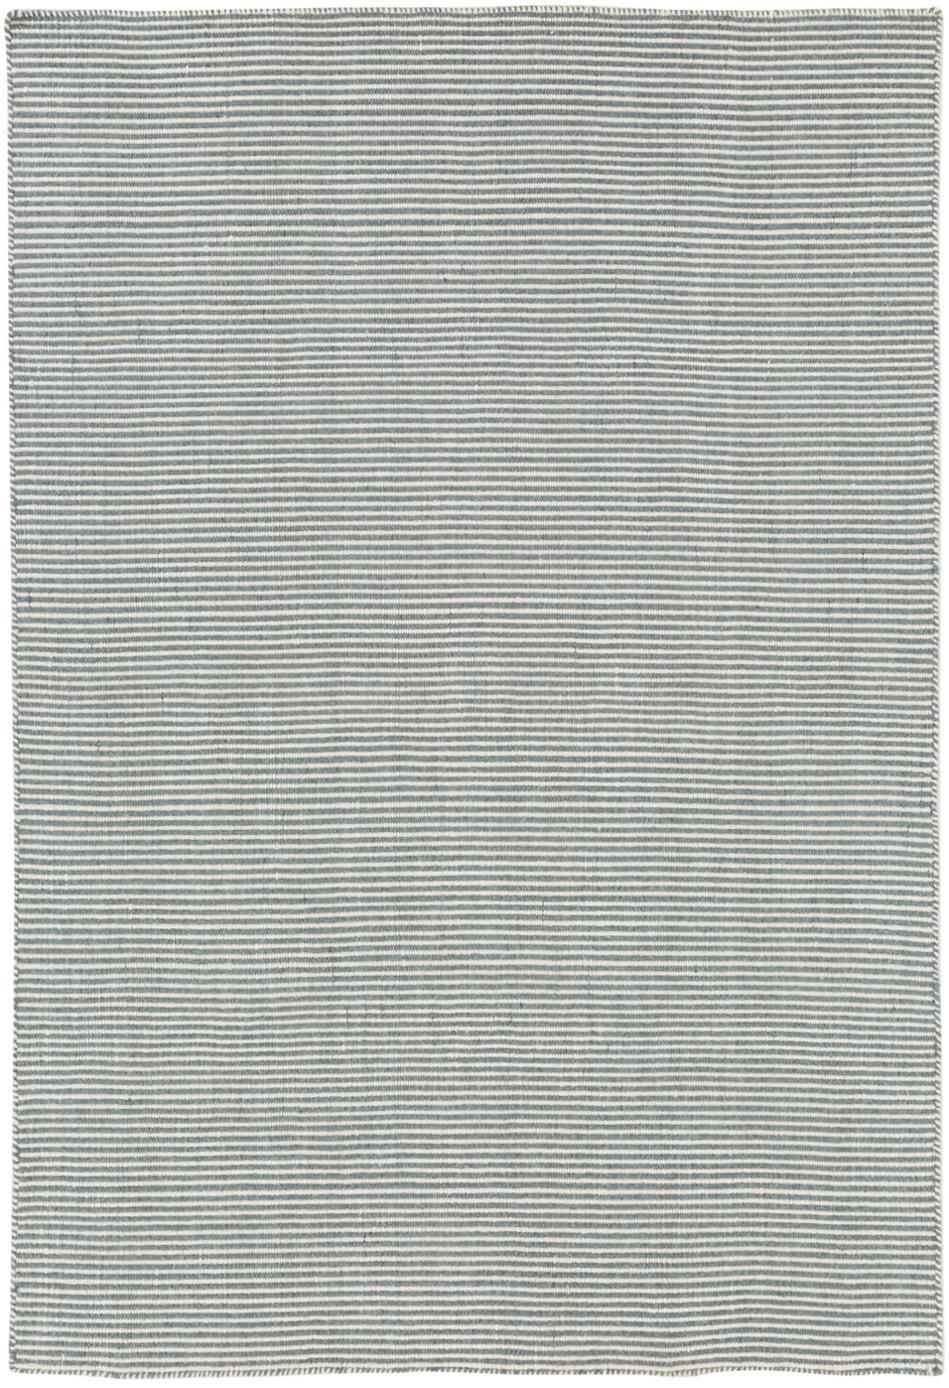 Fein gestreifter Wollteppich Ajo in Blau-Creme, handgewebt, Graublau, Creme, B 140 x L 200 cm (Größe S)